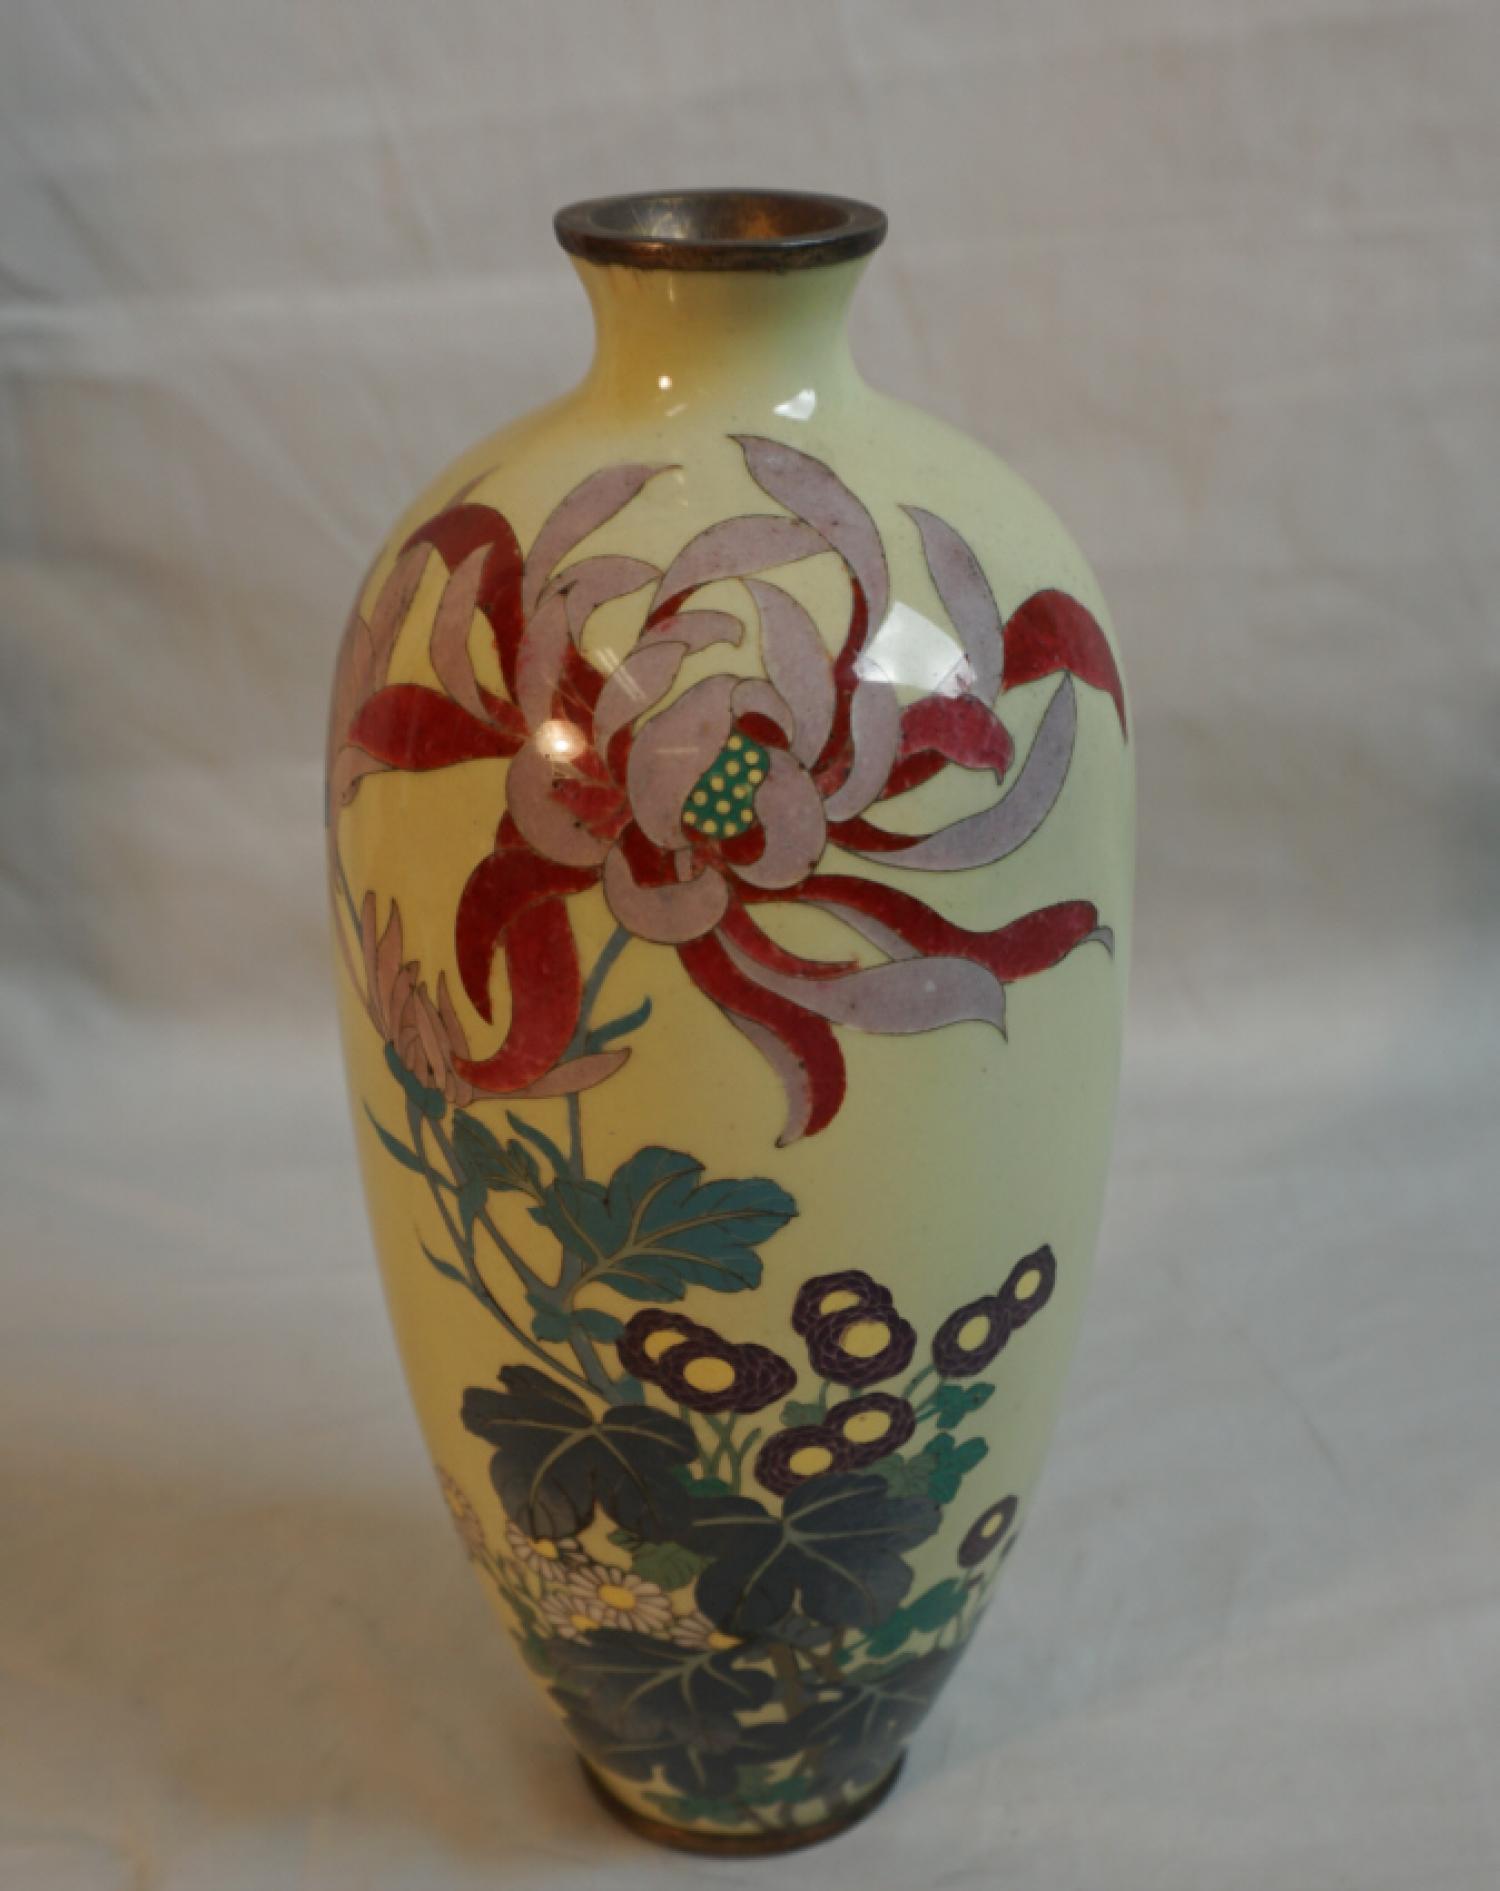 Japanese yellow cloisonne vase c1880